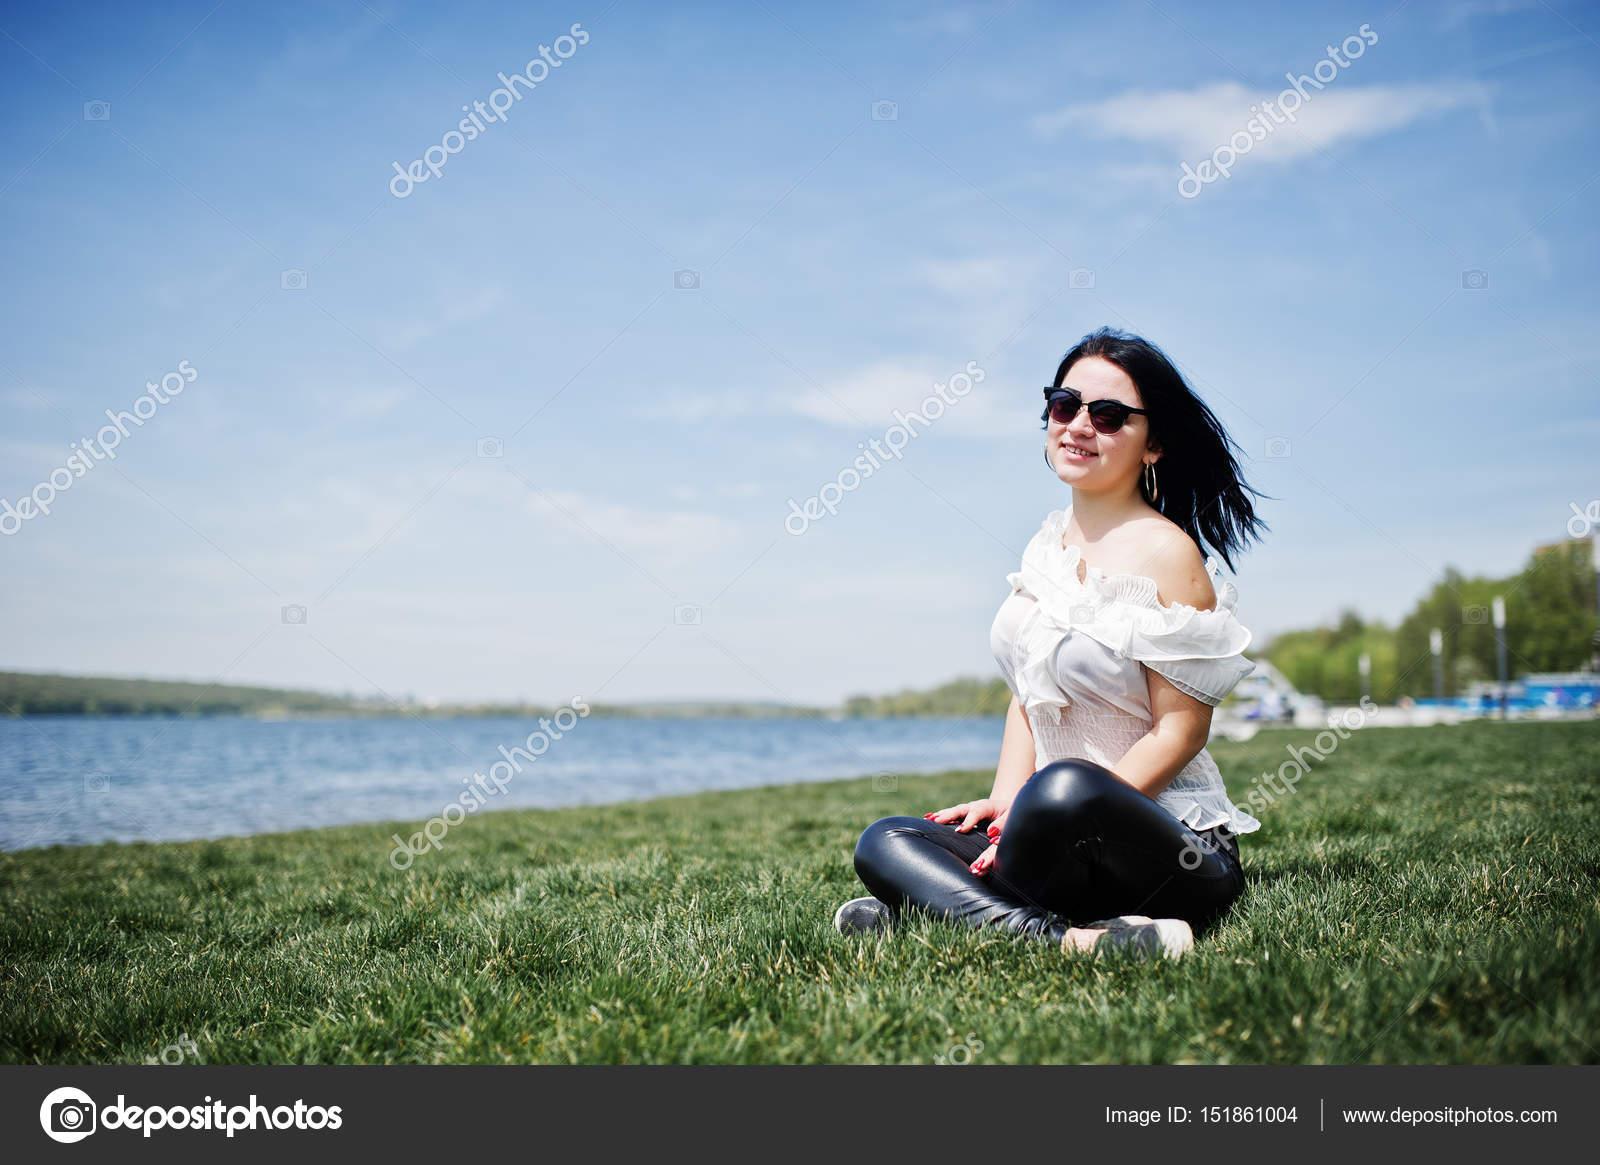 3bba4c685d5e8 Weiße Und Brünette — Stockfoto BluseSo Mädchen Damen Lederhosen u3Tl1JcFK